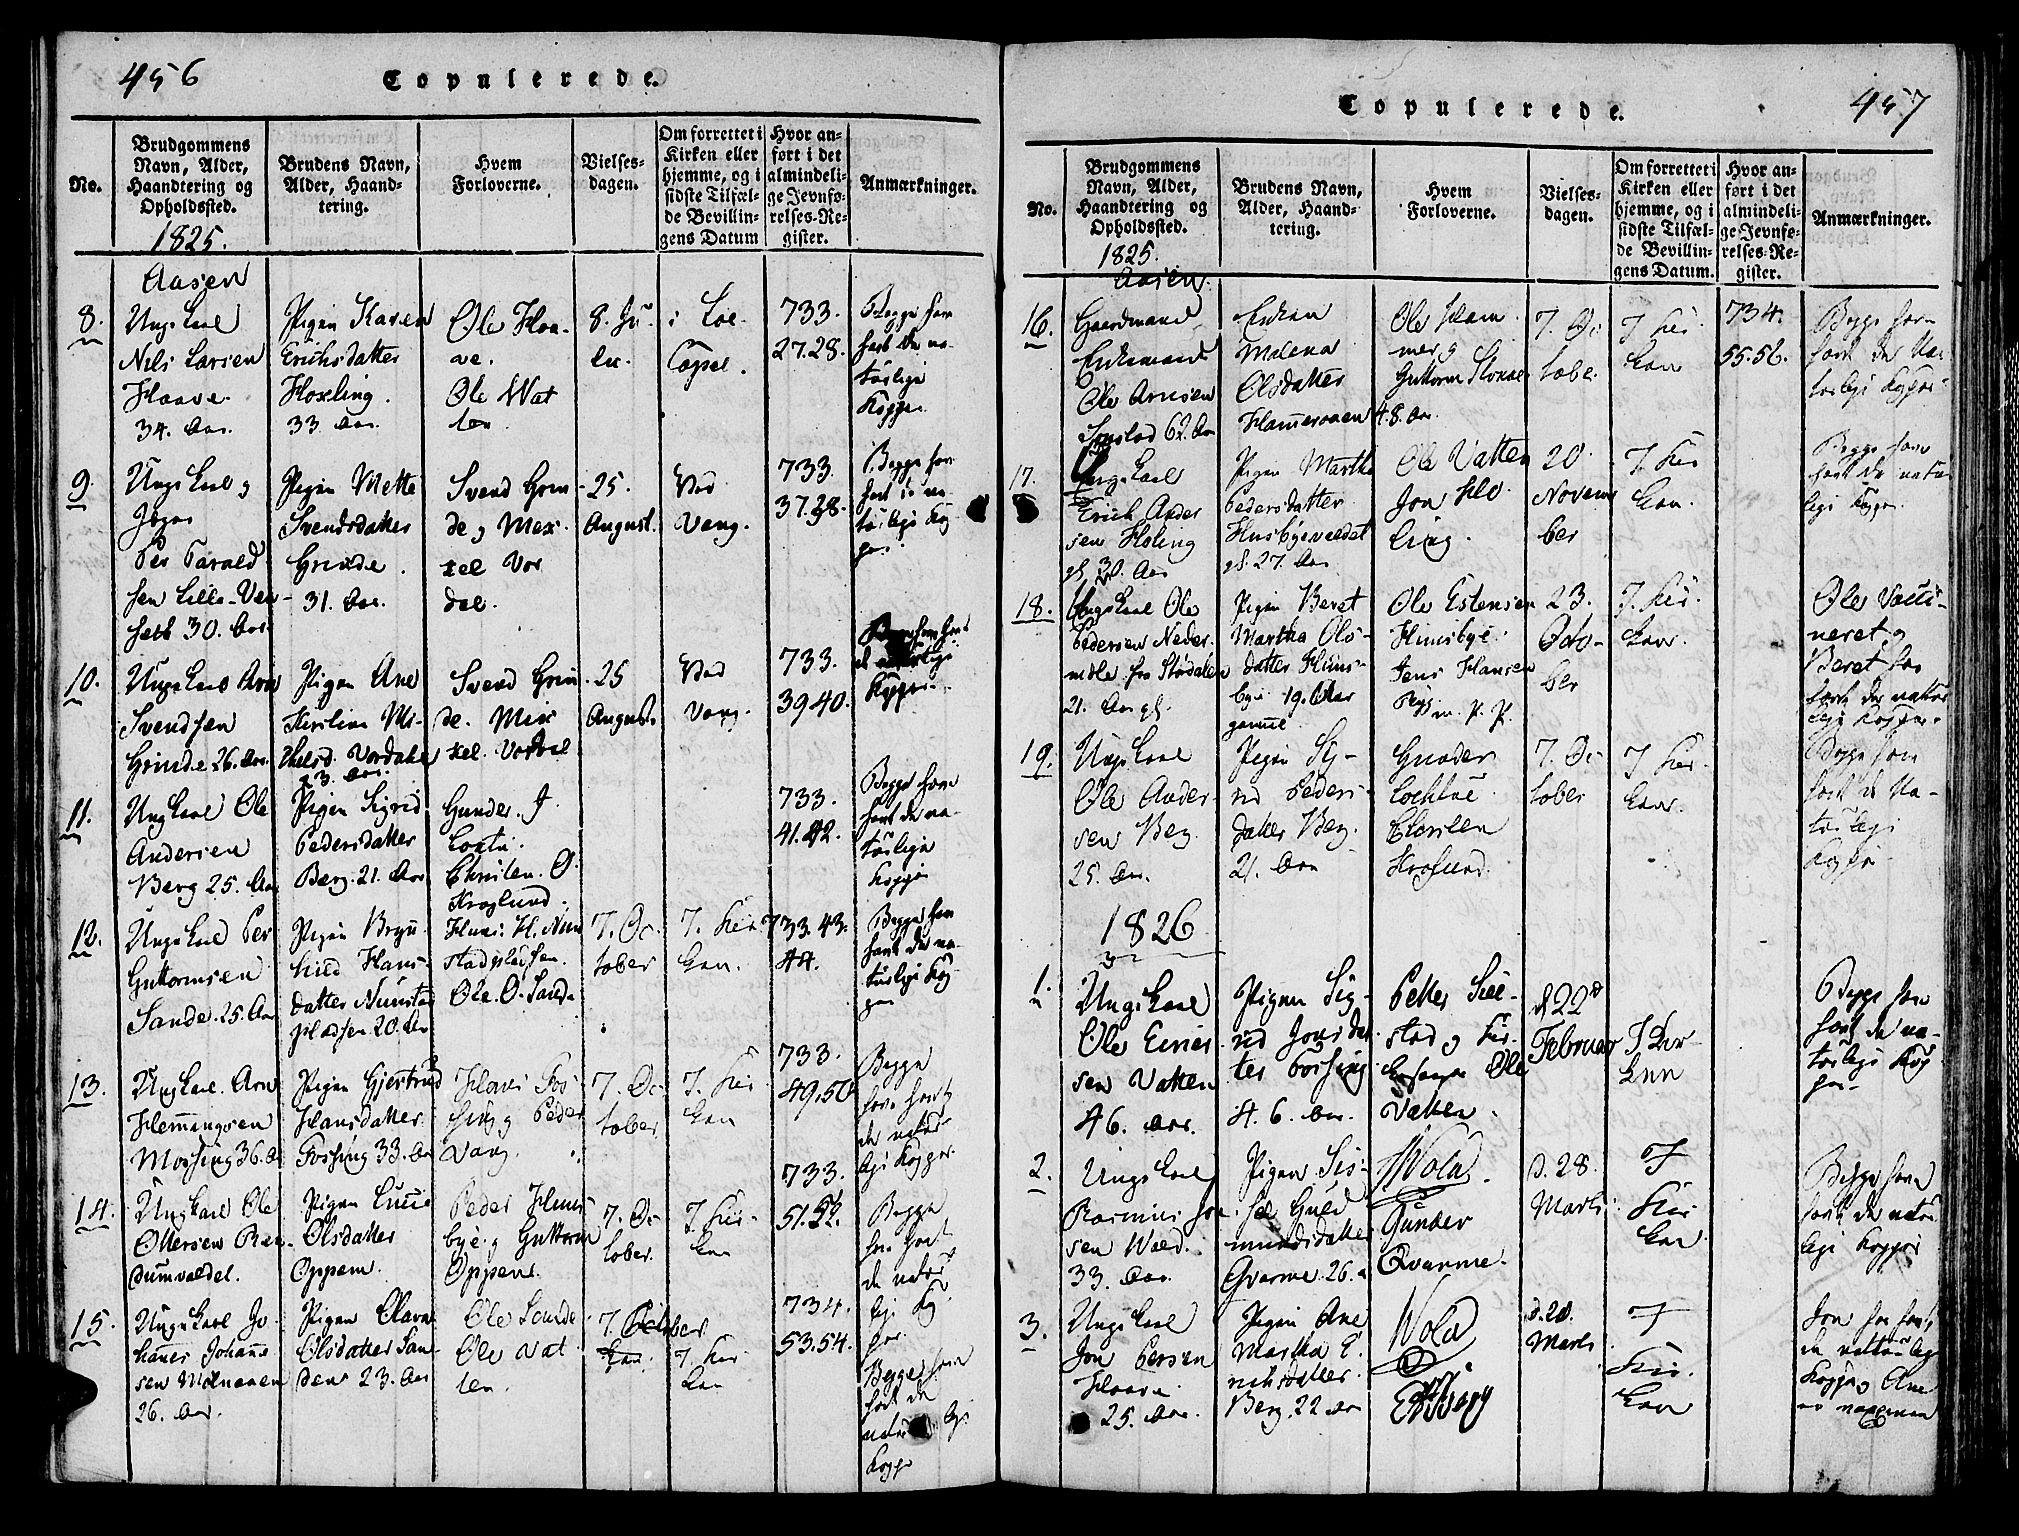 SAT, Ministerialprotokoller, klokkerbøker og fødselsregistre - Nord-Trøndelag, 713/L0112: Ministerialbok nr. 713A04 /2, 1817-1827, s. 456-457